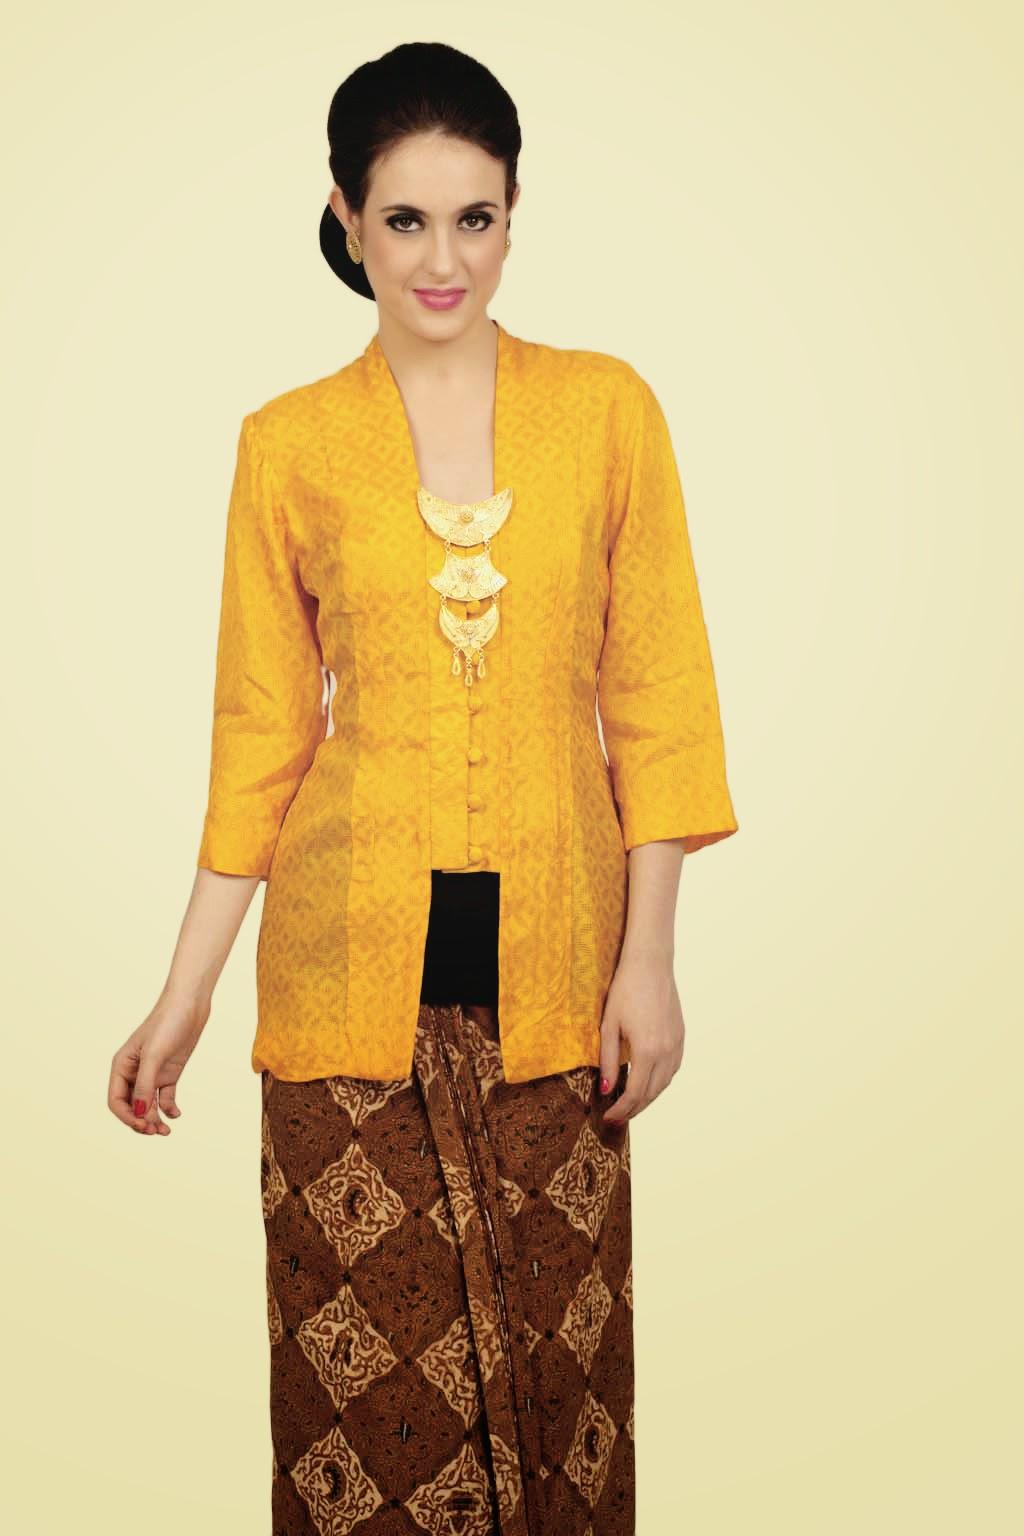 Foto Model Kebaya Kutubaru Trend Desain Kebaya Klasik Terbaru Kuning